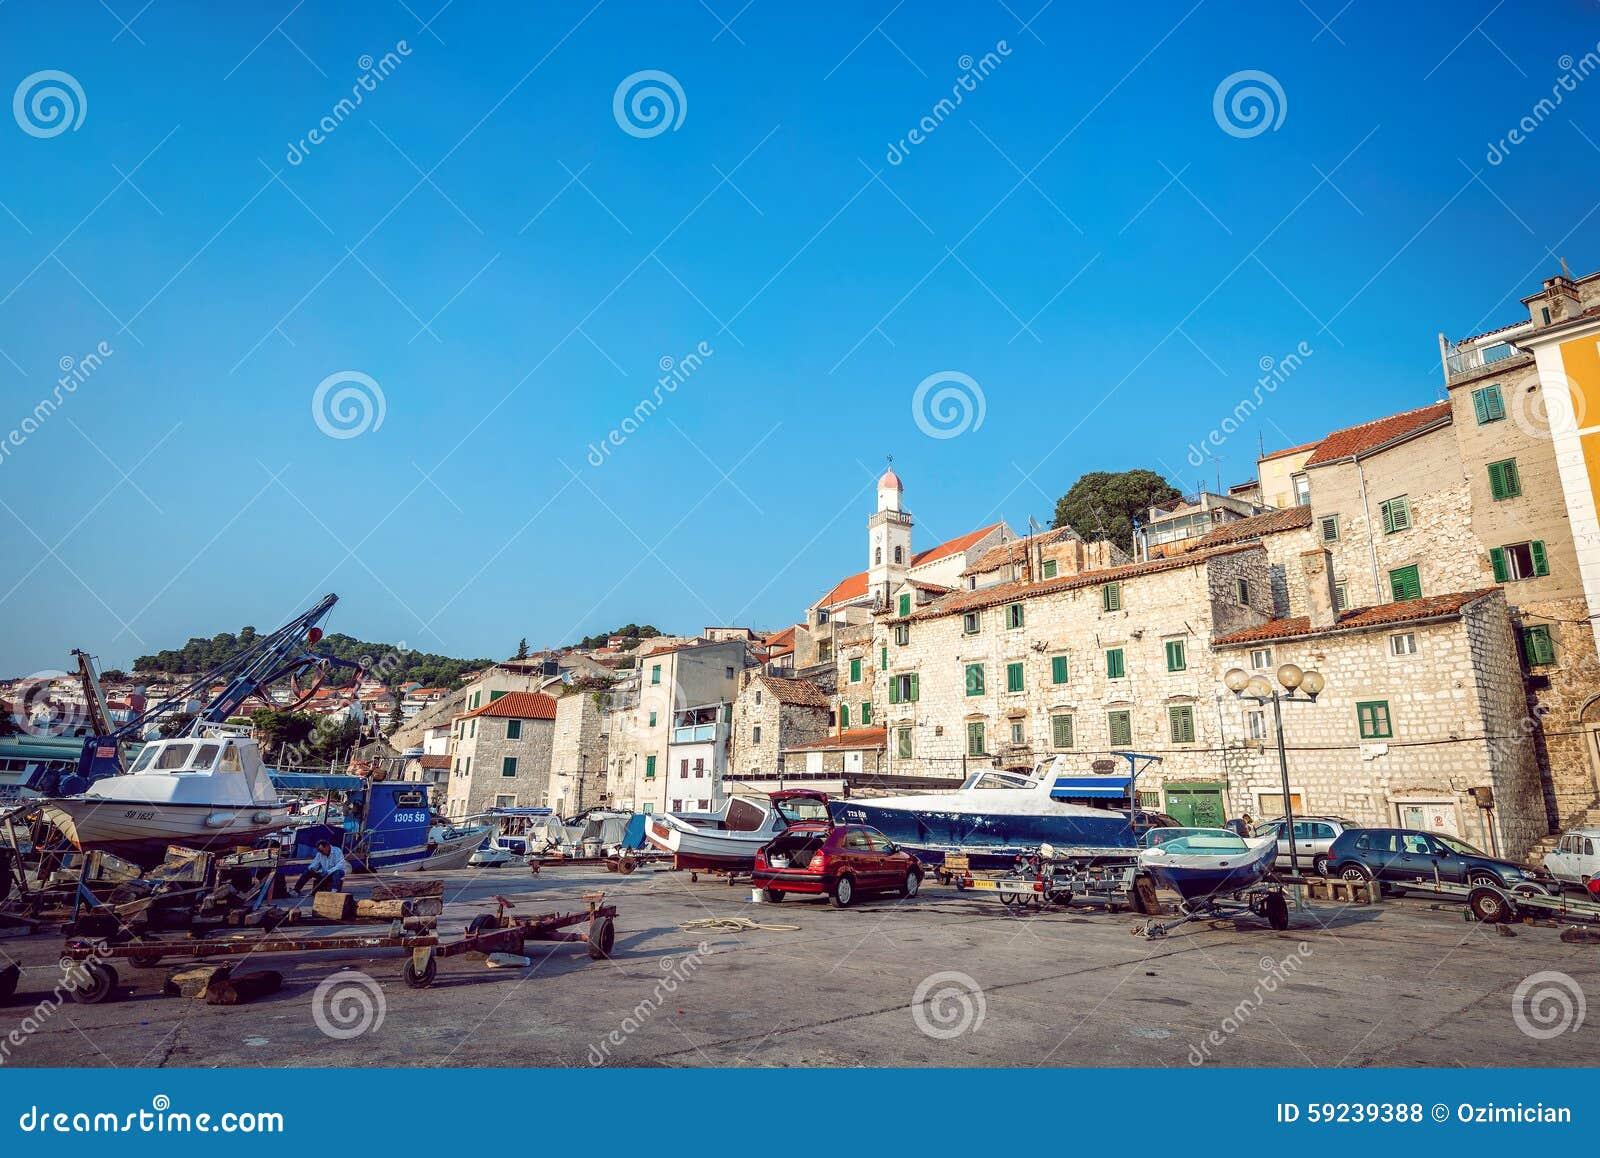 Download Barcos De Pesca En Pequeño Puerto En Sibenik, Croacia Foto de archivo editorial - Imagen de exterior, configuración: 59239388